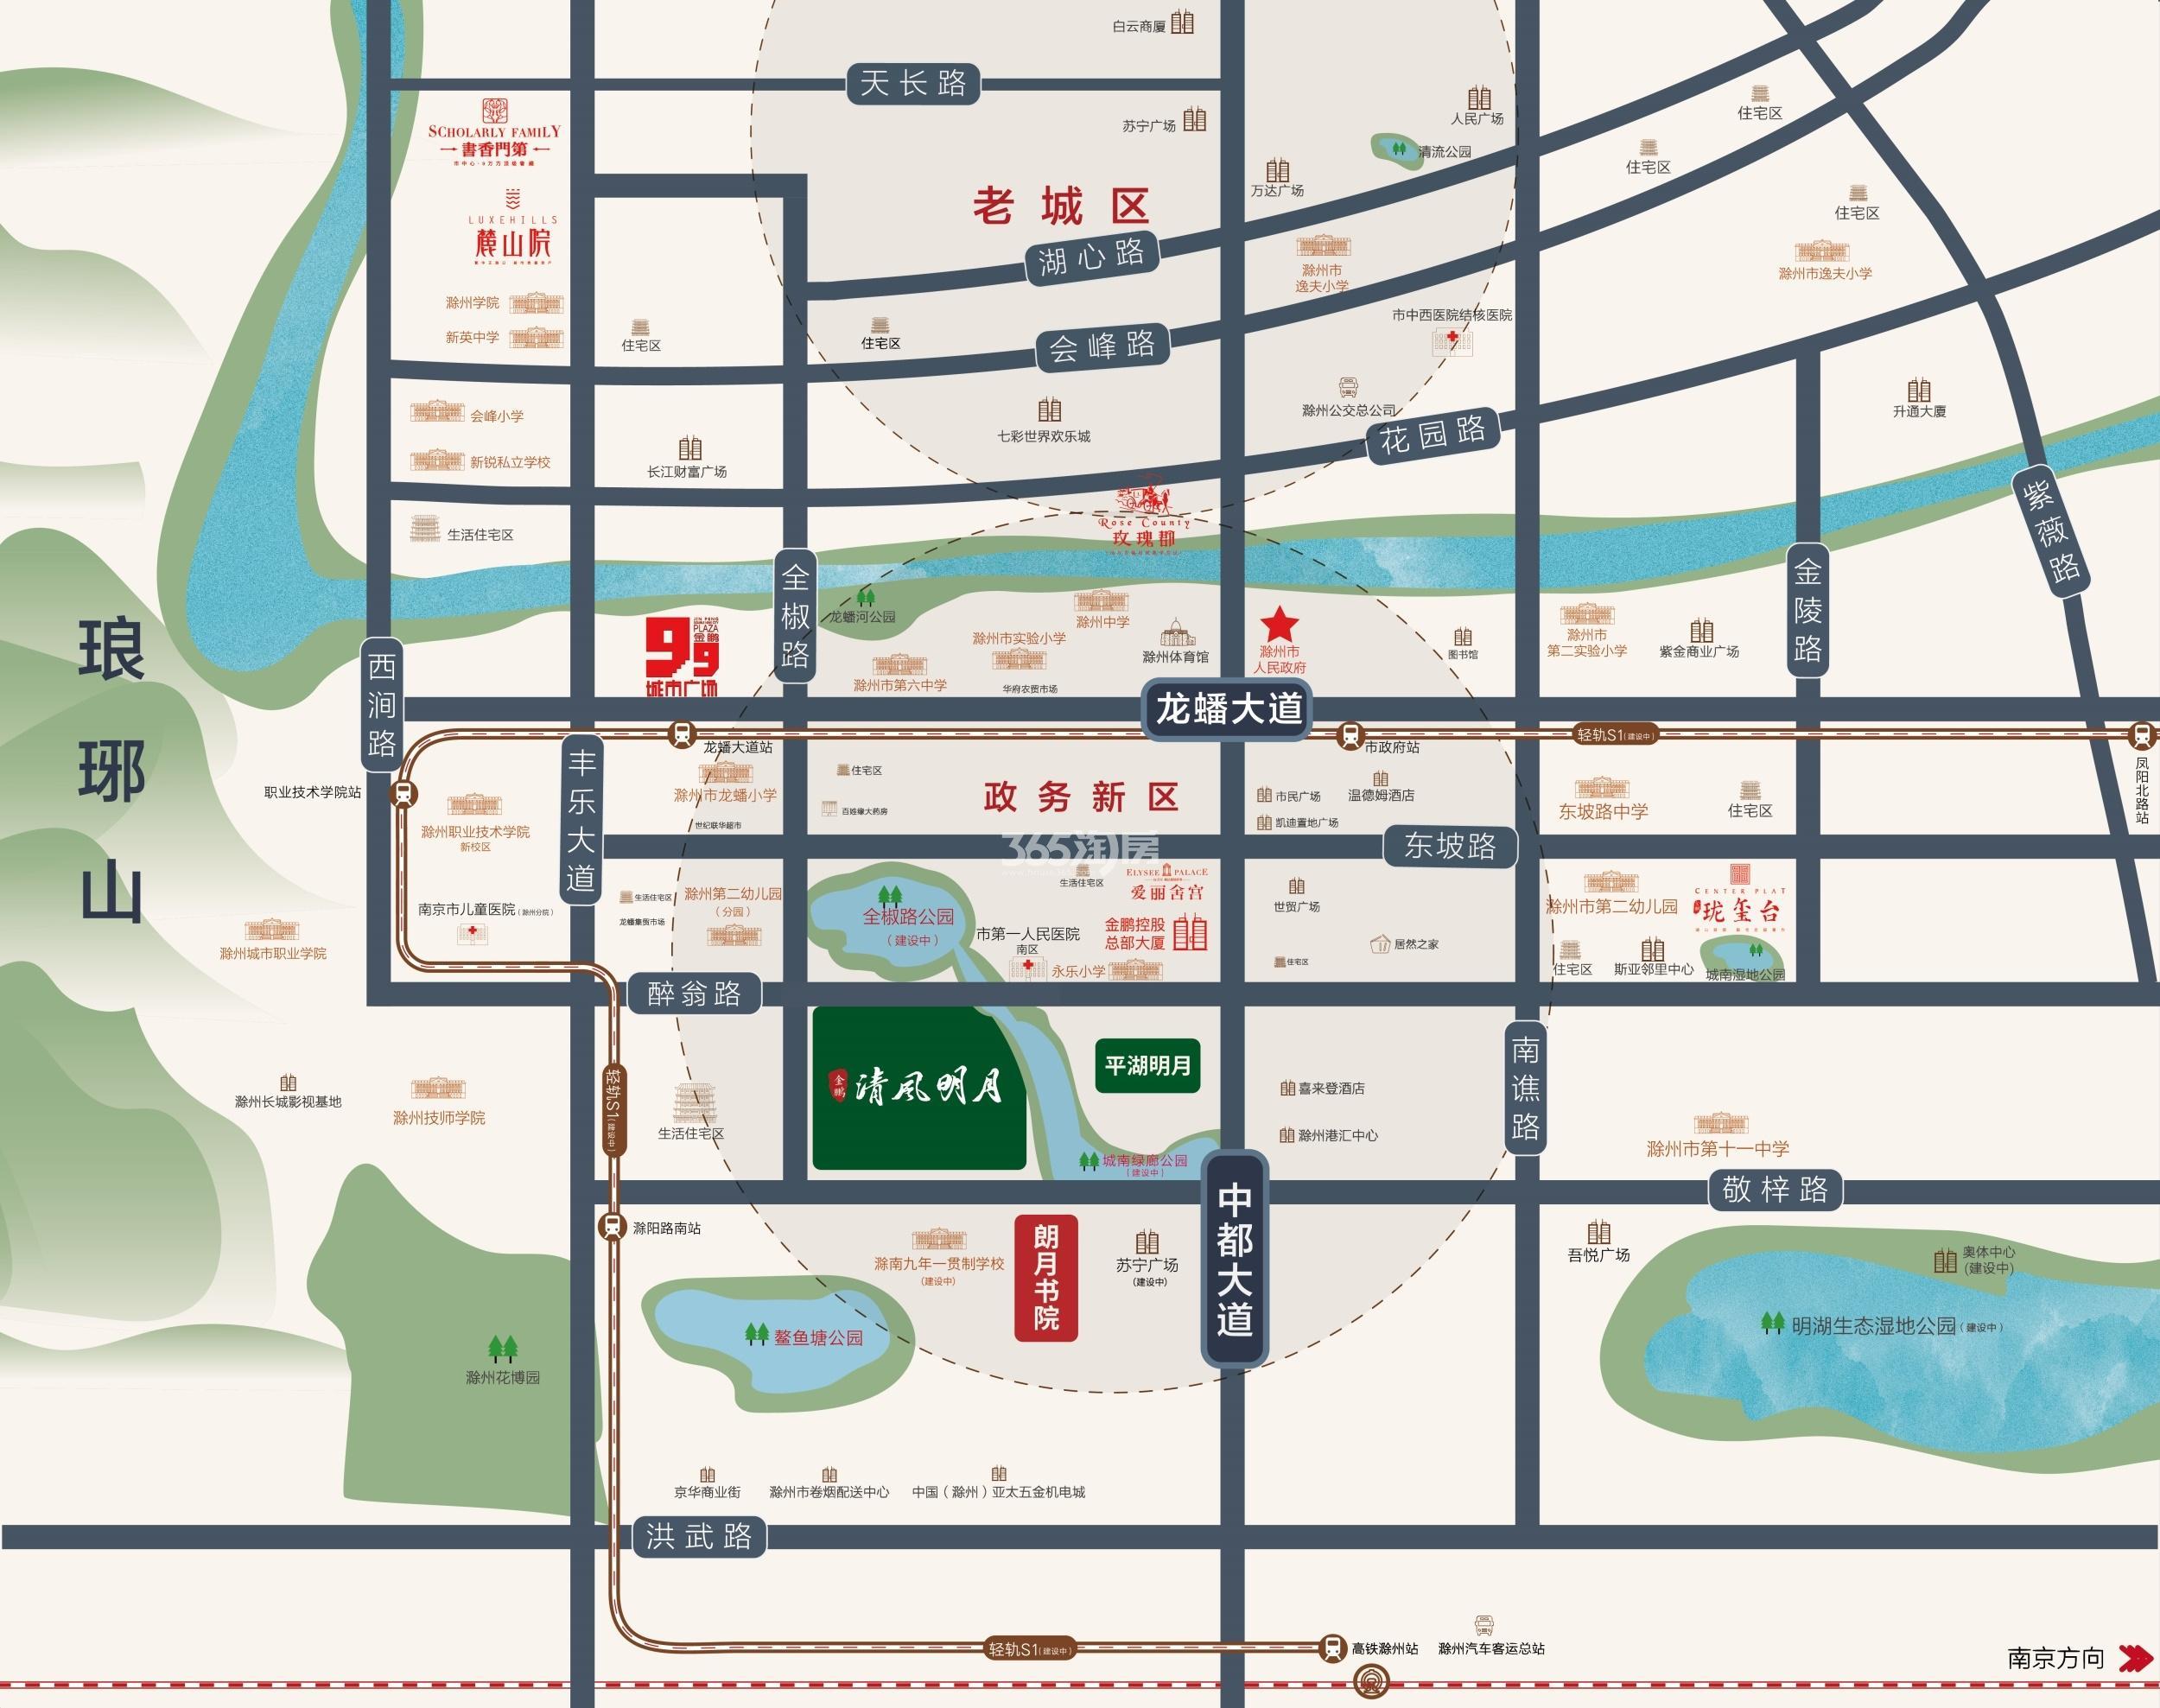 朗月书院交通图